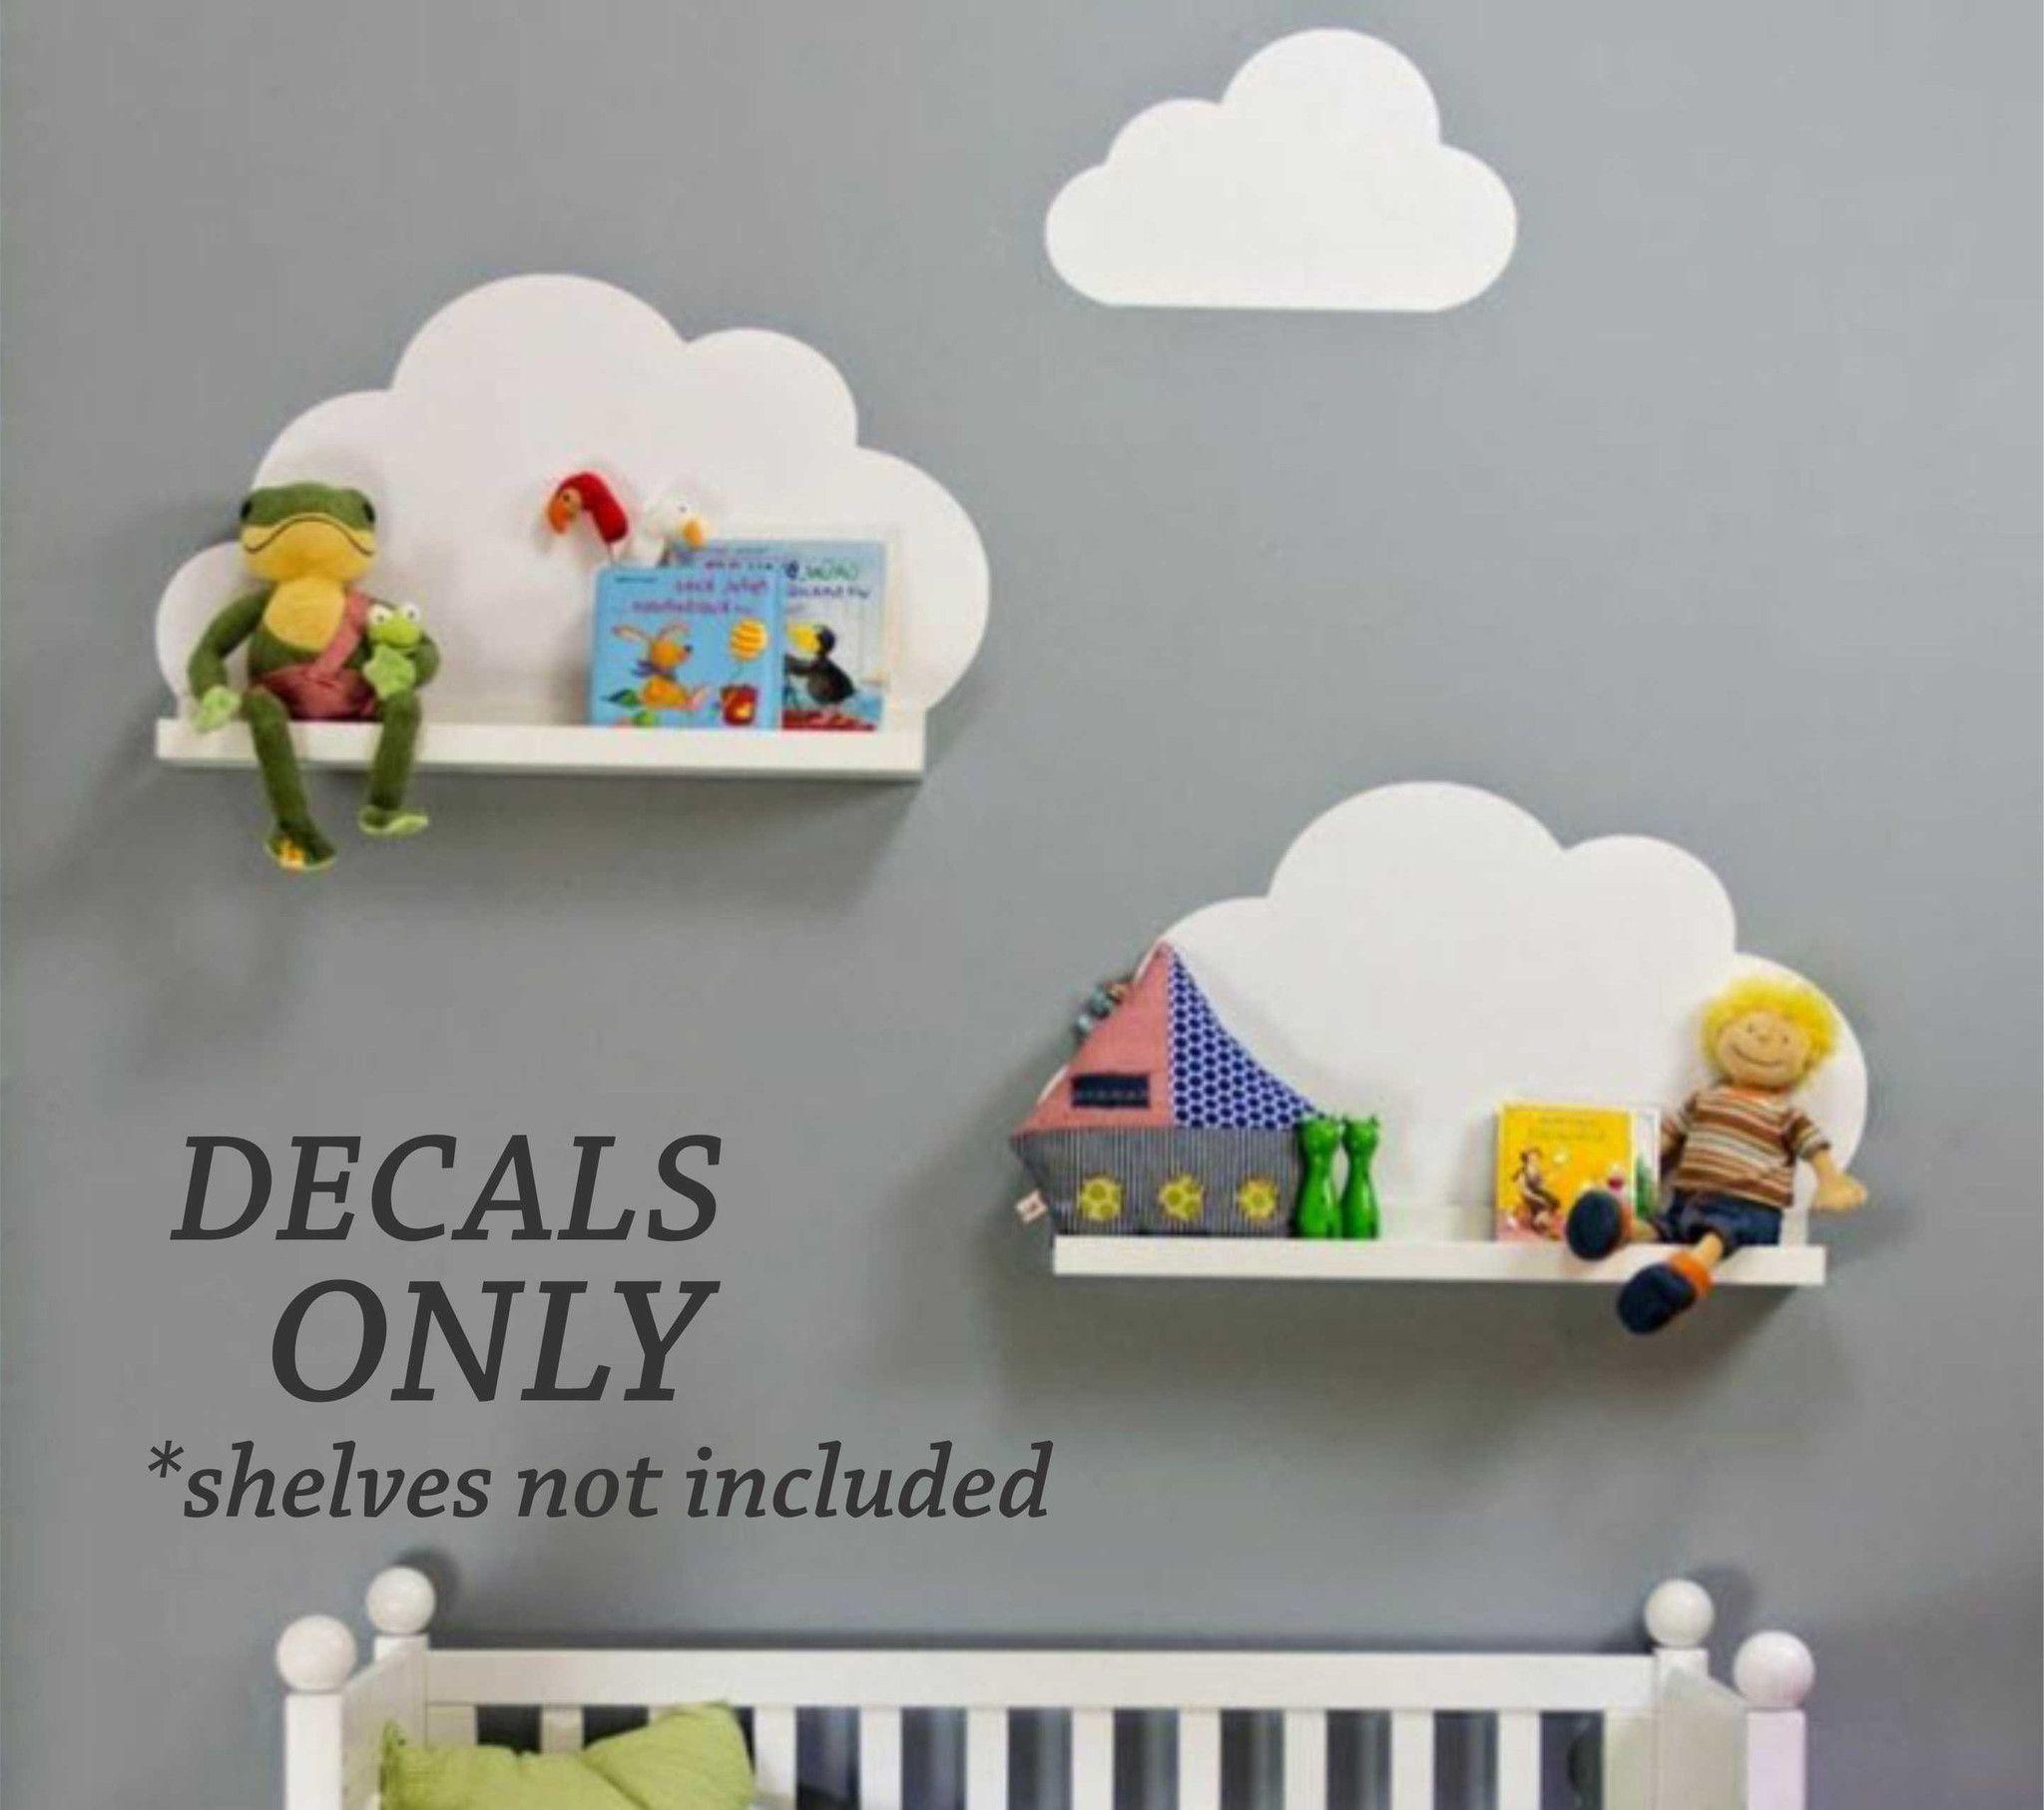 Cloud Shelf Decals Nursery Wall Decals Vinyl Wall Art Wall - Nursery wall decals clouds